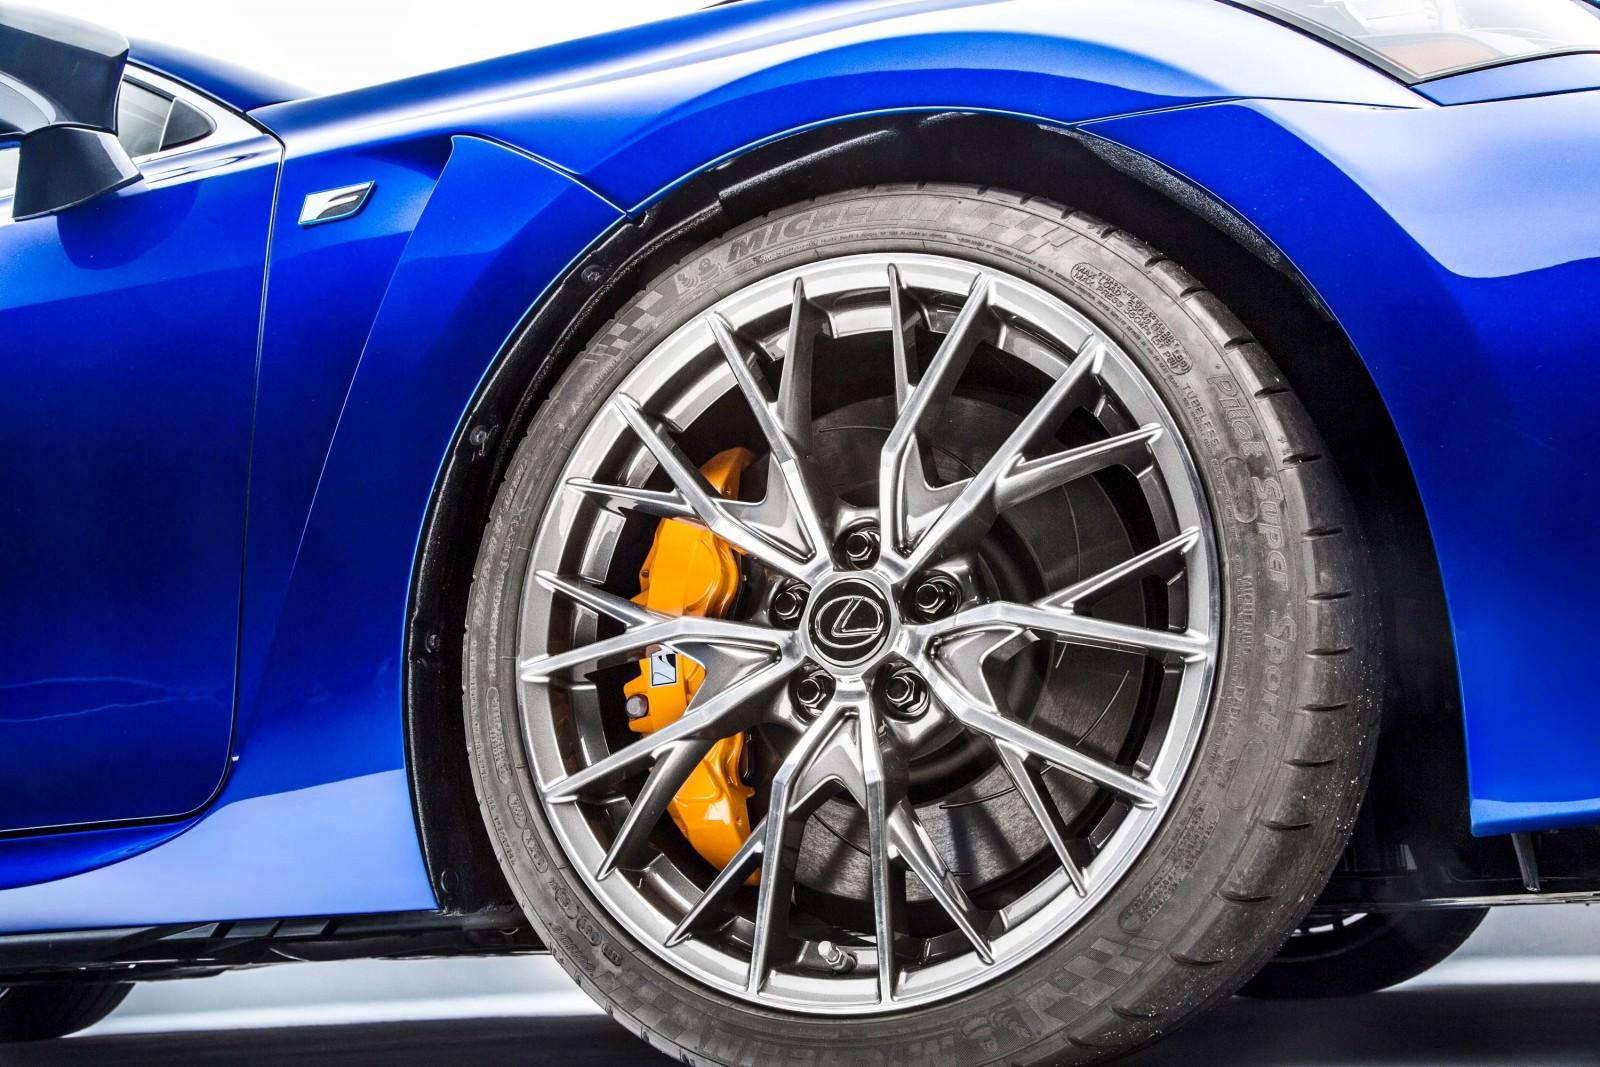 http://www.car-revs-daily.com/wp-content/uploads/2015/01/2016-Lexus-GS-F-15-1600x1067.jpg